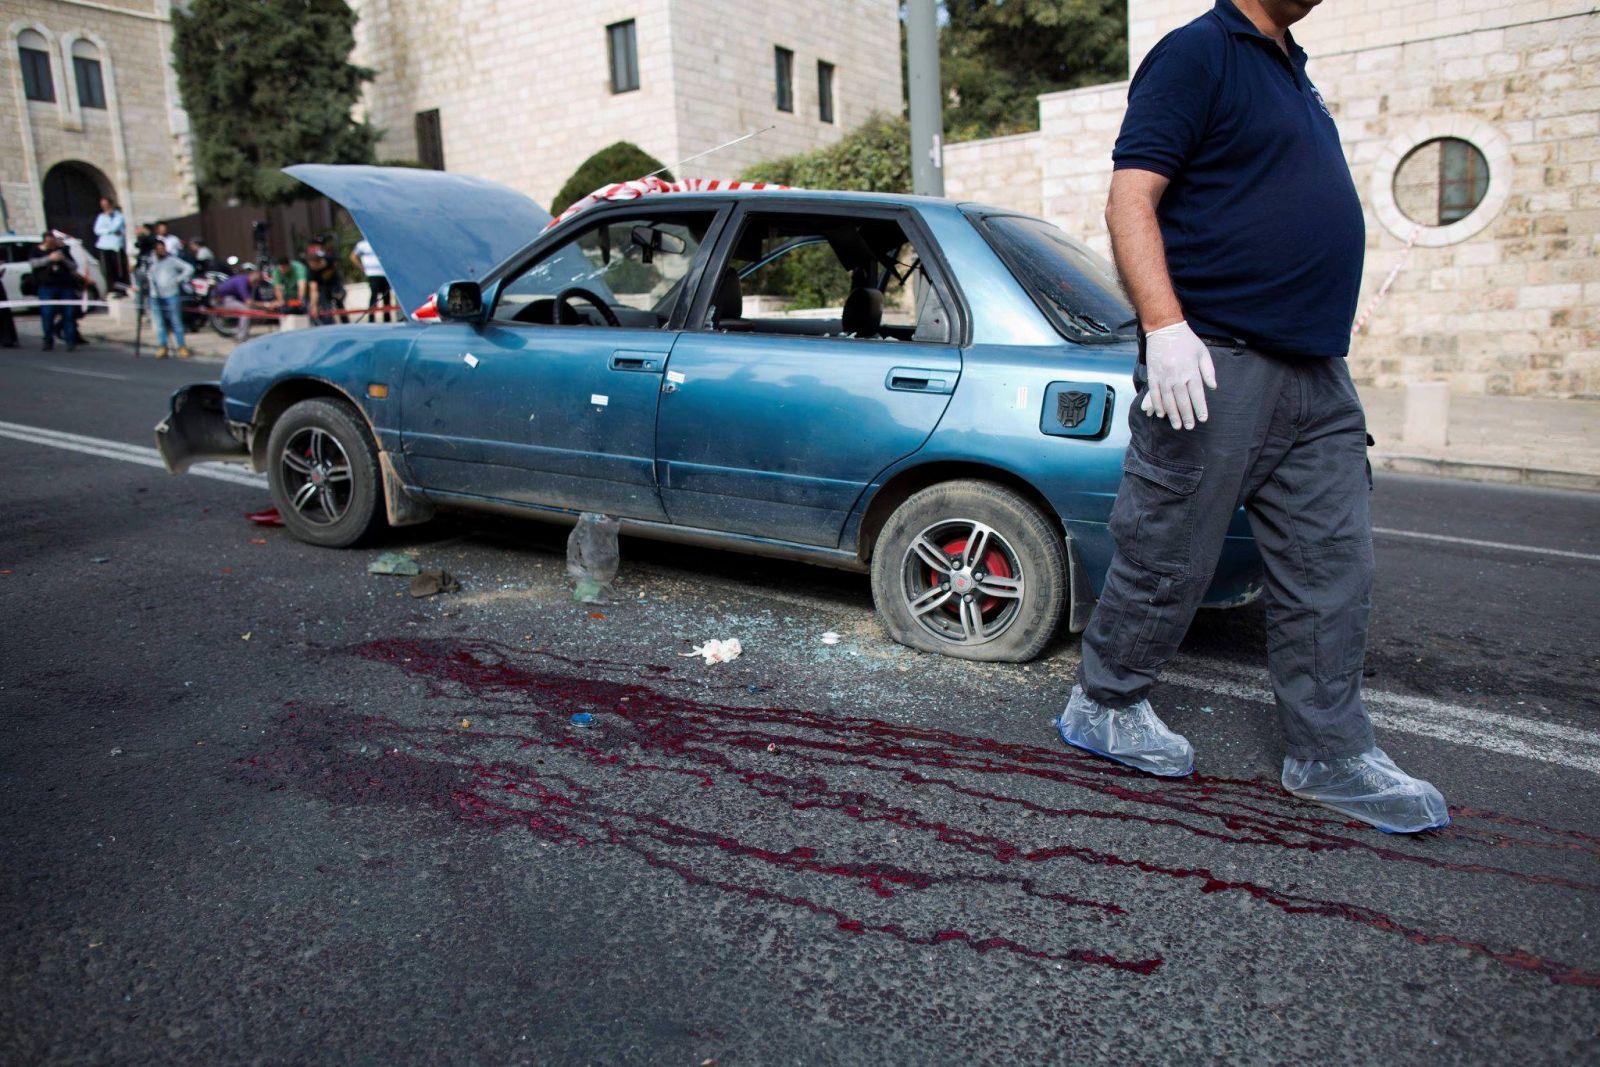 بالصور.. استشهاد فلسطينية بزعم محاولتها طعن جندي صهيوني بالقدس 10273175_1132253506809475_7776377871709153293_o